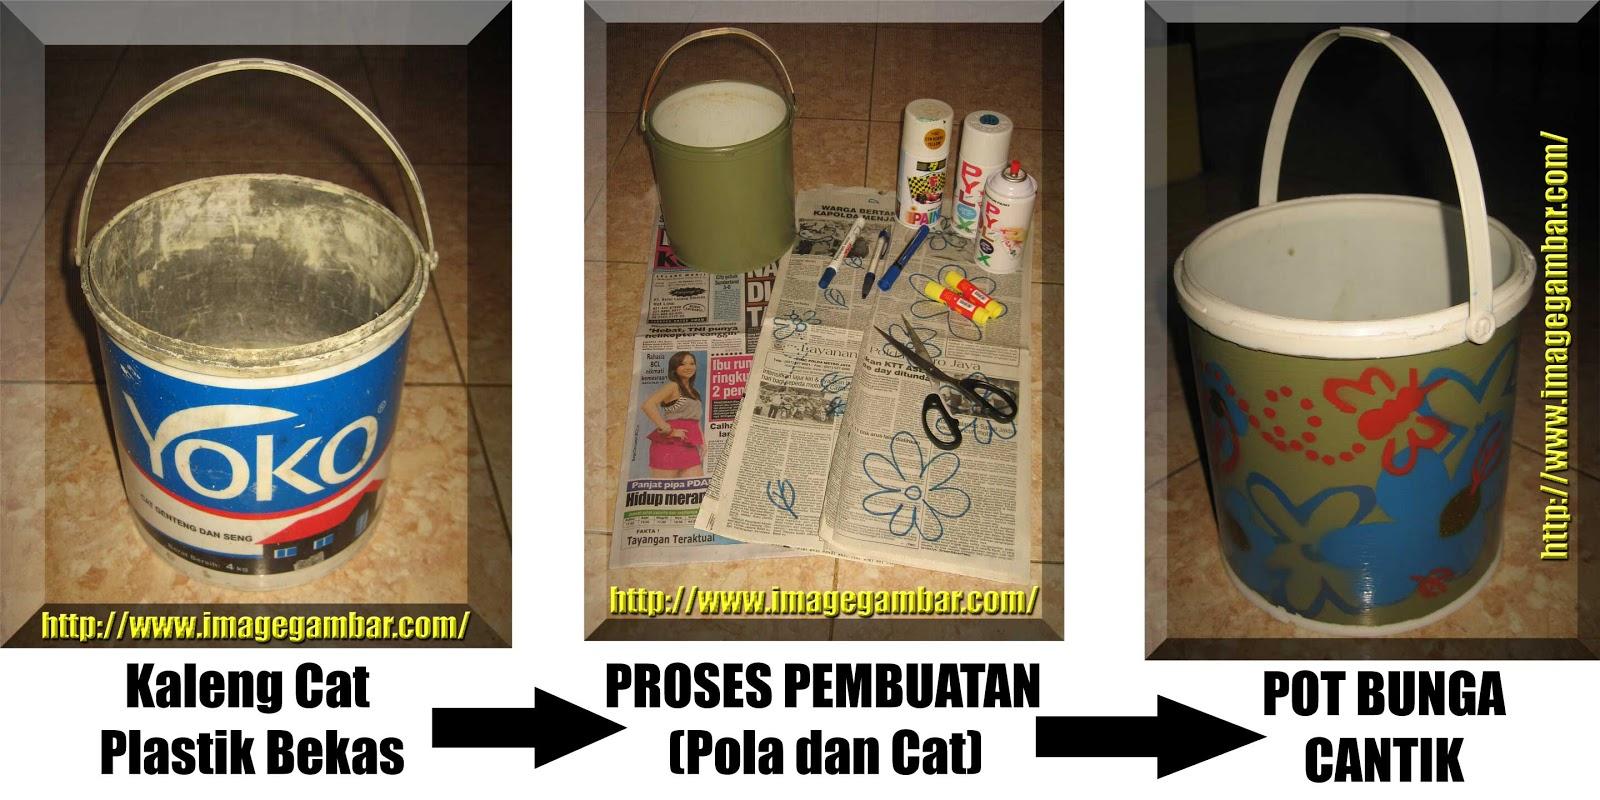 Gambar 1. Daur Ulang Kaleng Plastik Cat menjadi Pot Bunga Cantik